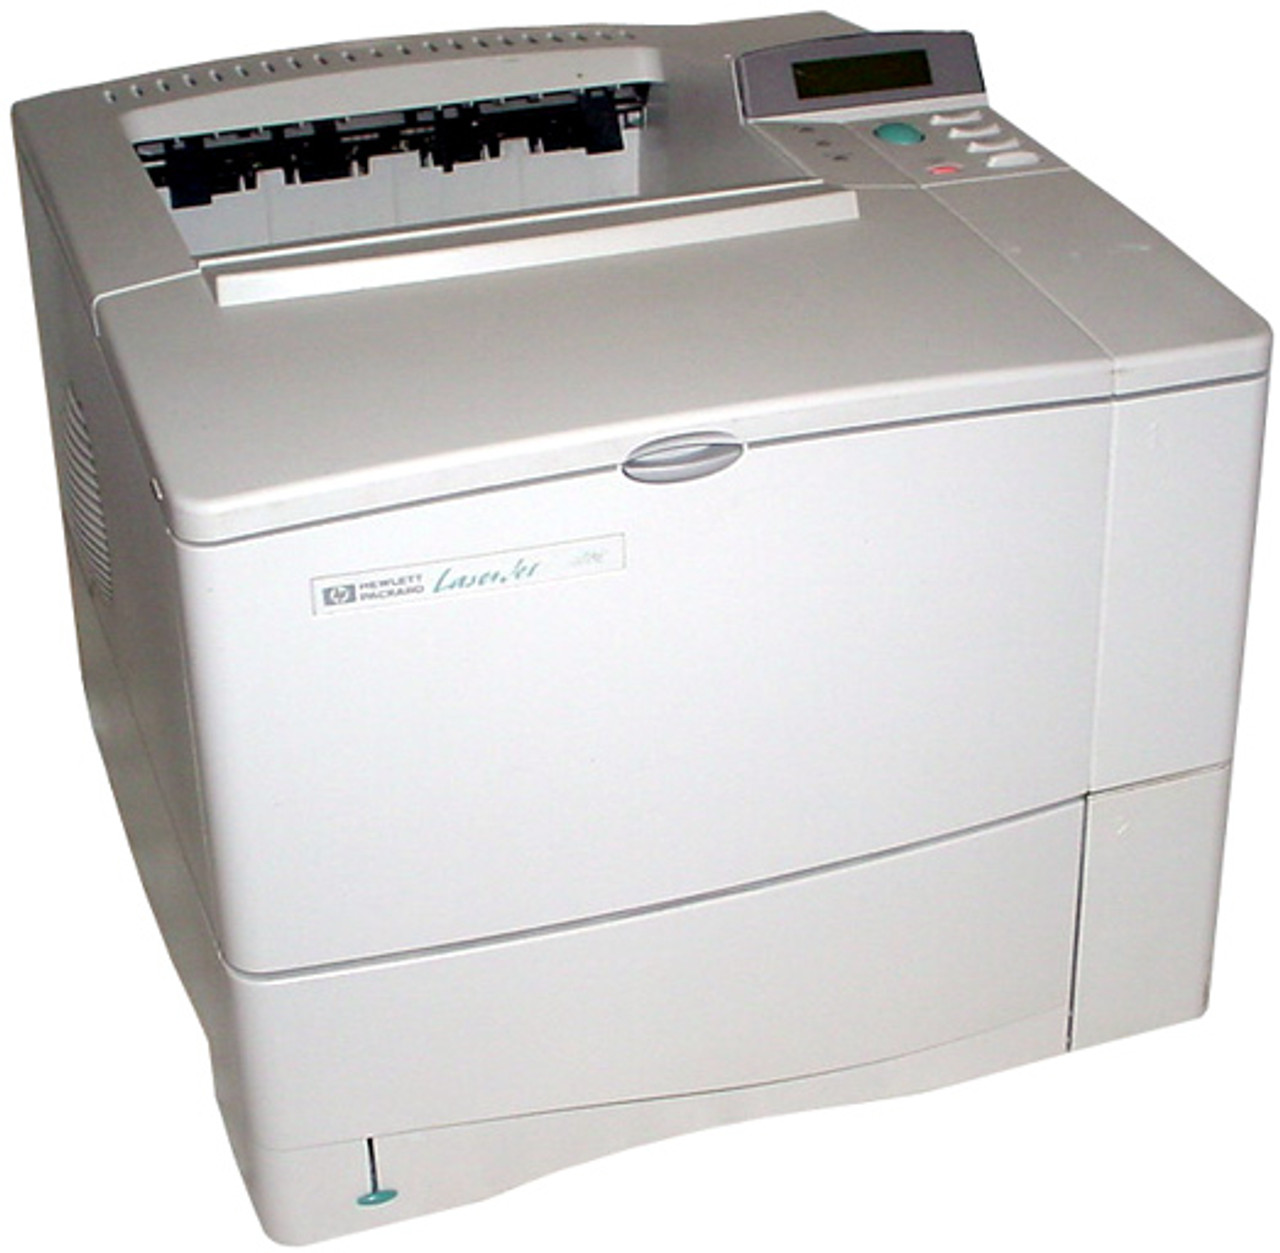 HP LaserJet 4050 - C4251A - HP Laser Printer for sale